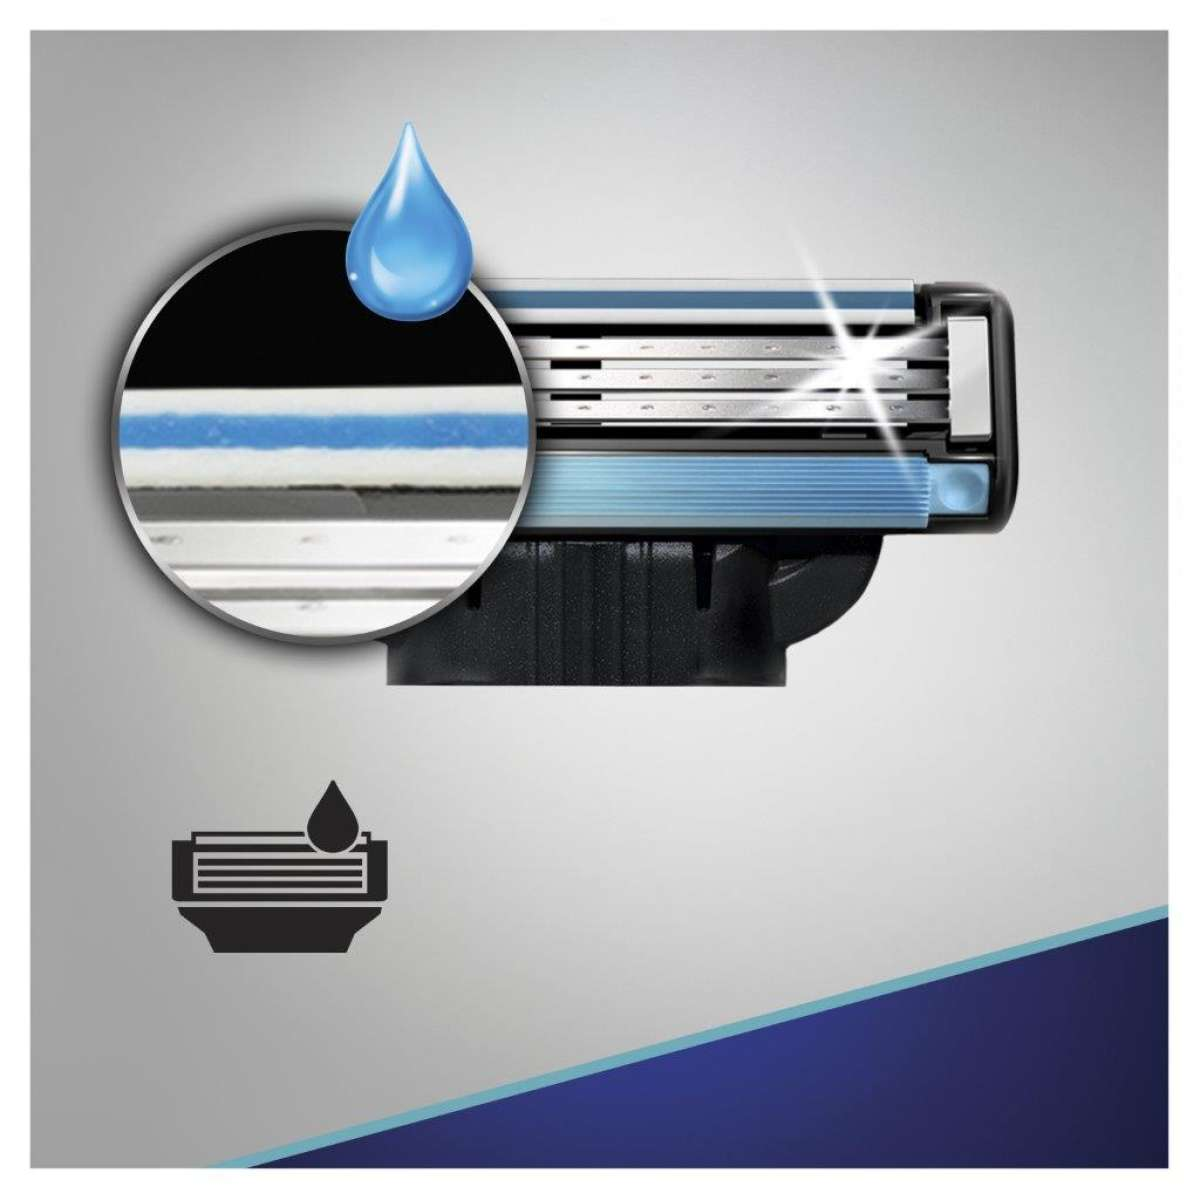 Сменные картриджи для бритья (Лезвия) Gillette Mach 3 8 шт. фото 5